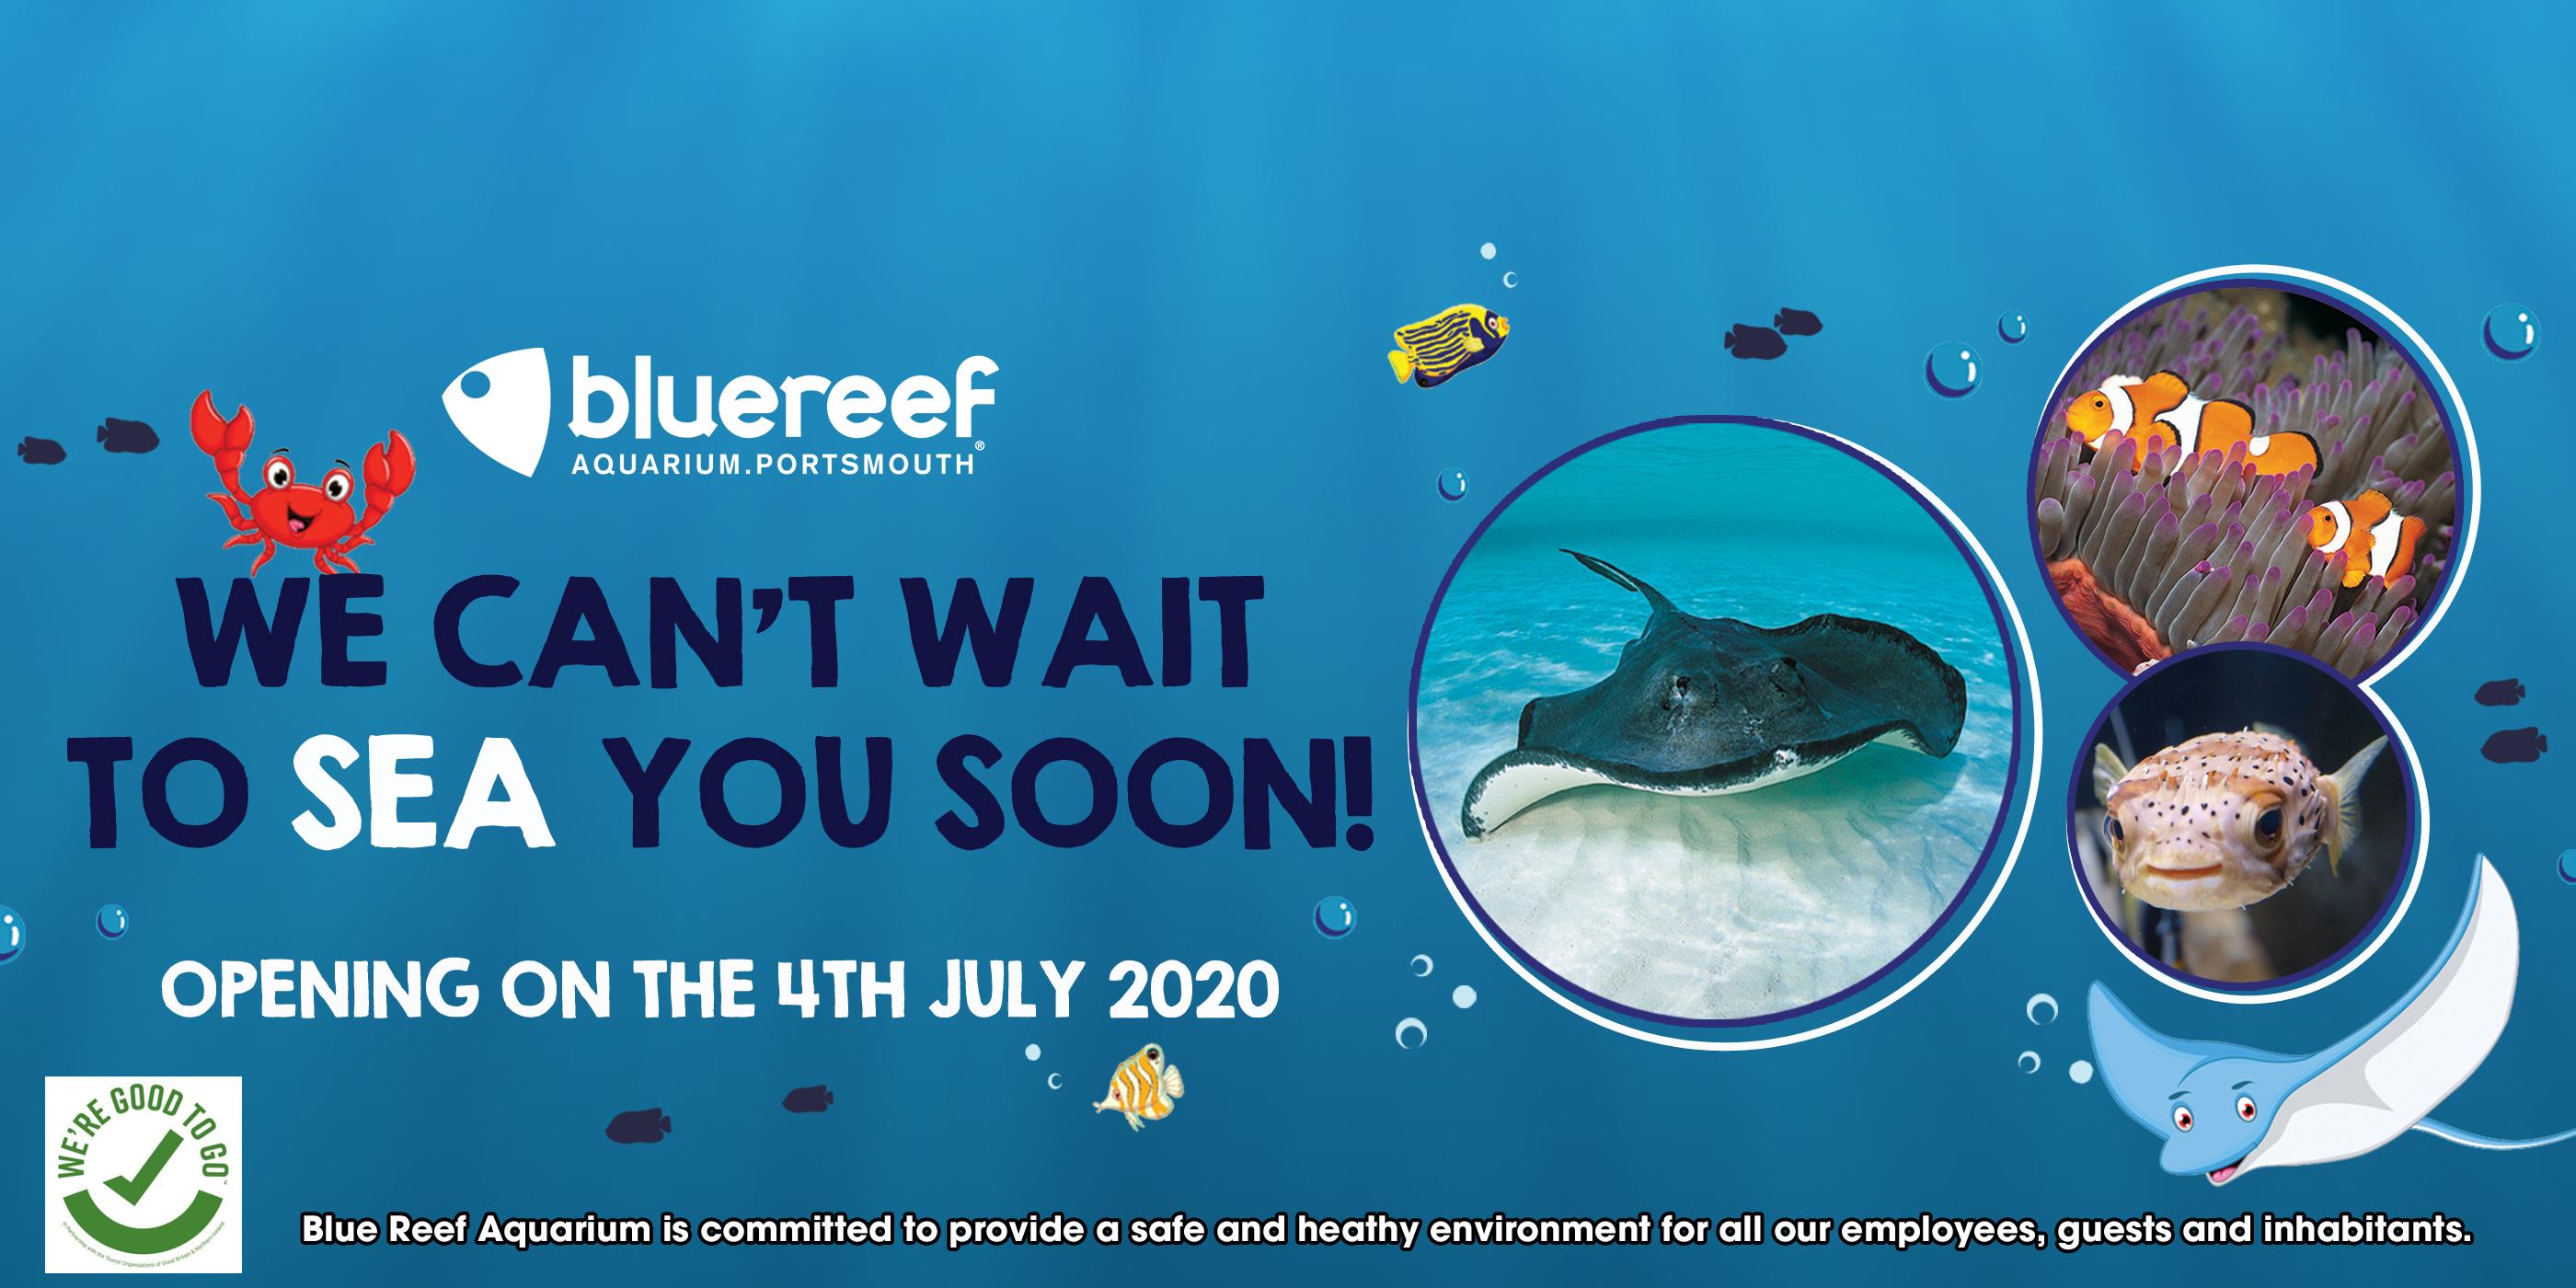 Blue Reef Aquarium Portsmouth